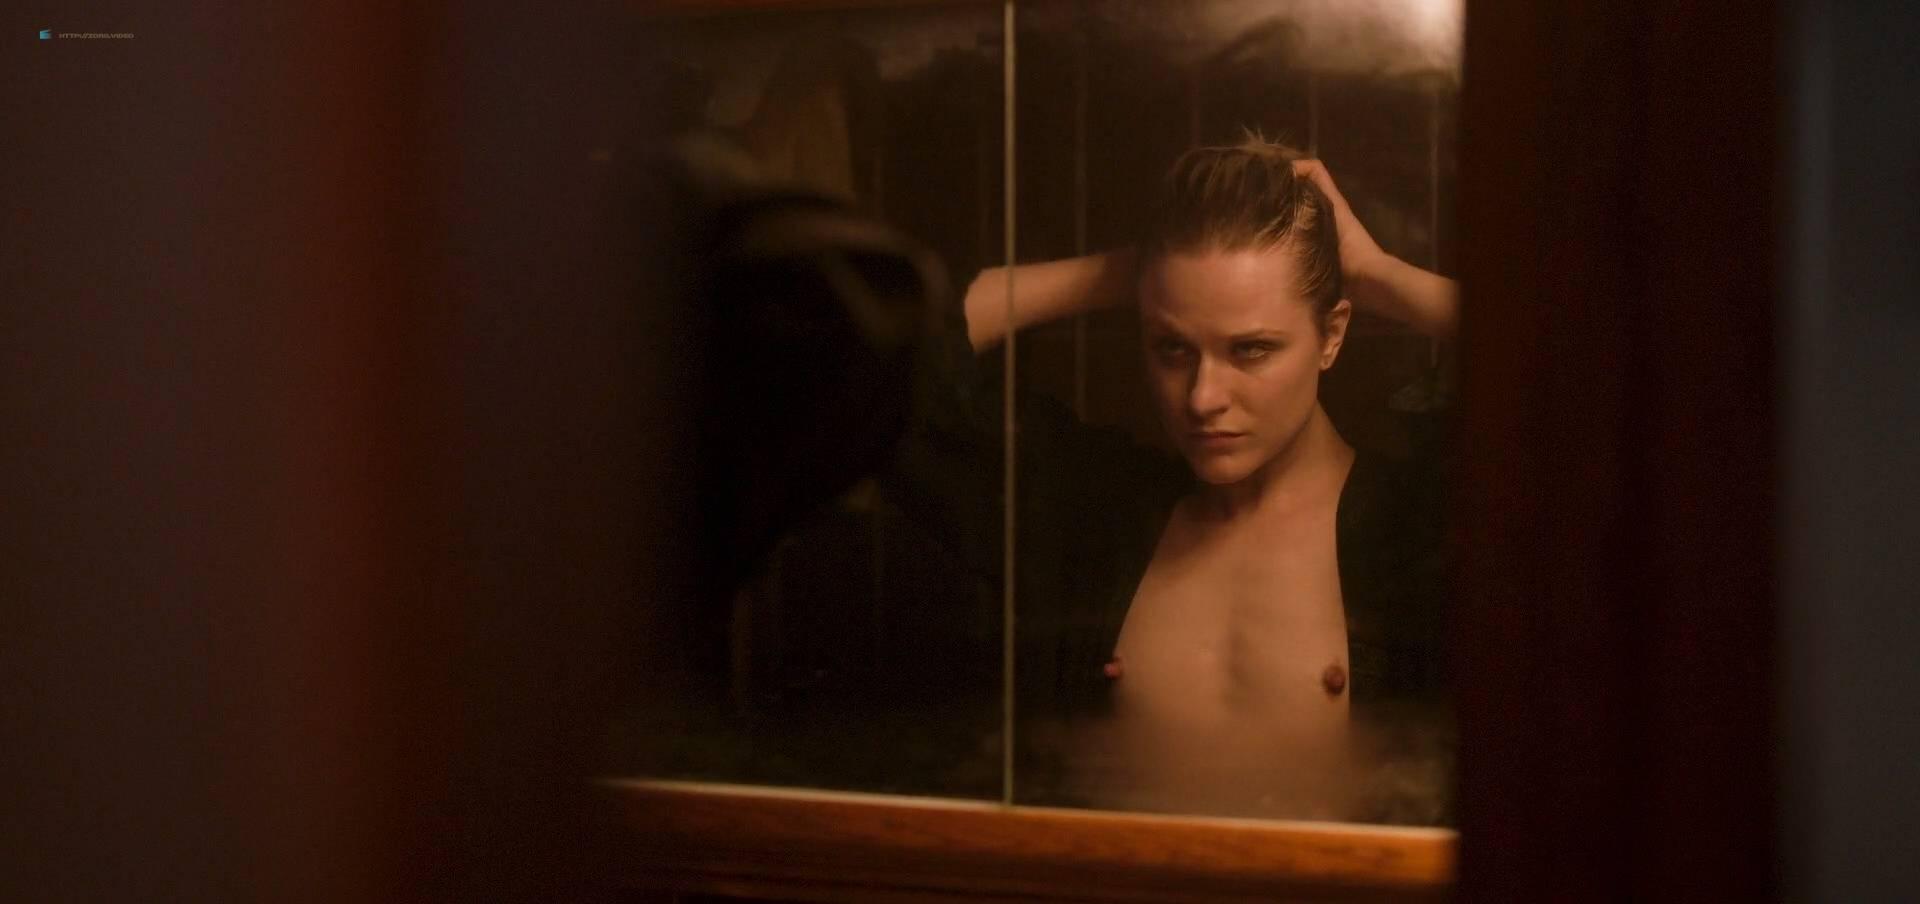 Evan rachel wood sex scenes — img 7